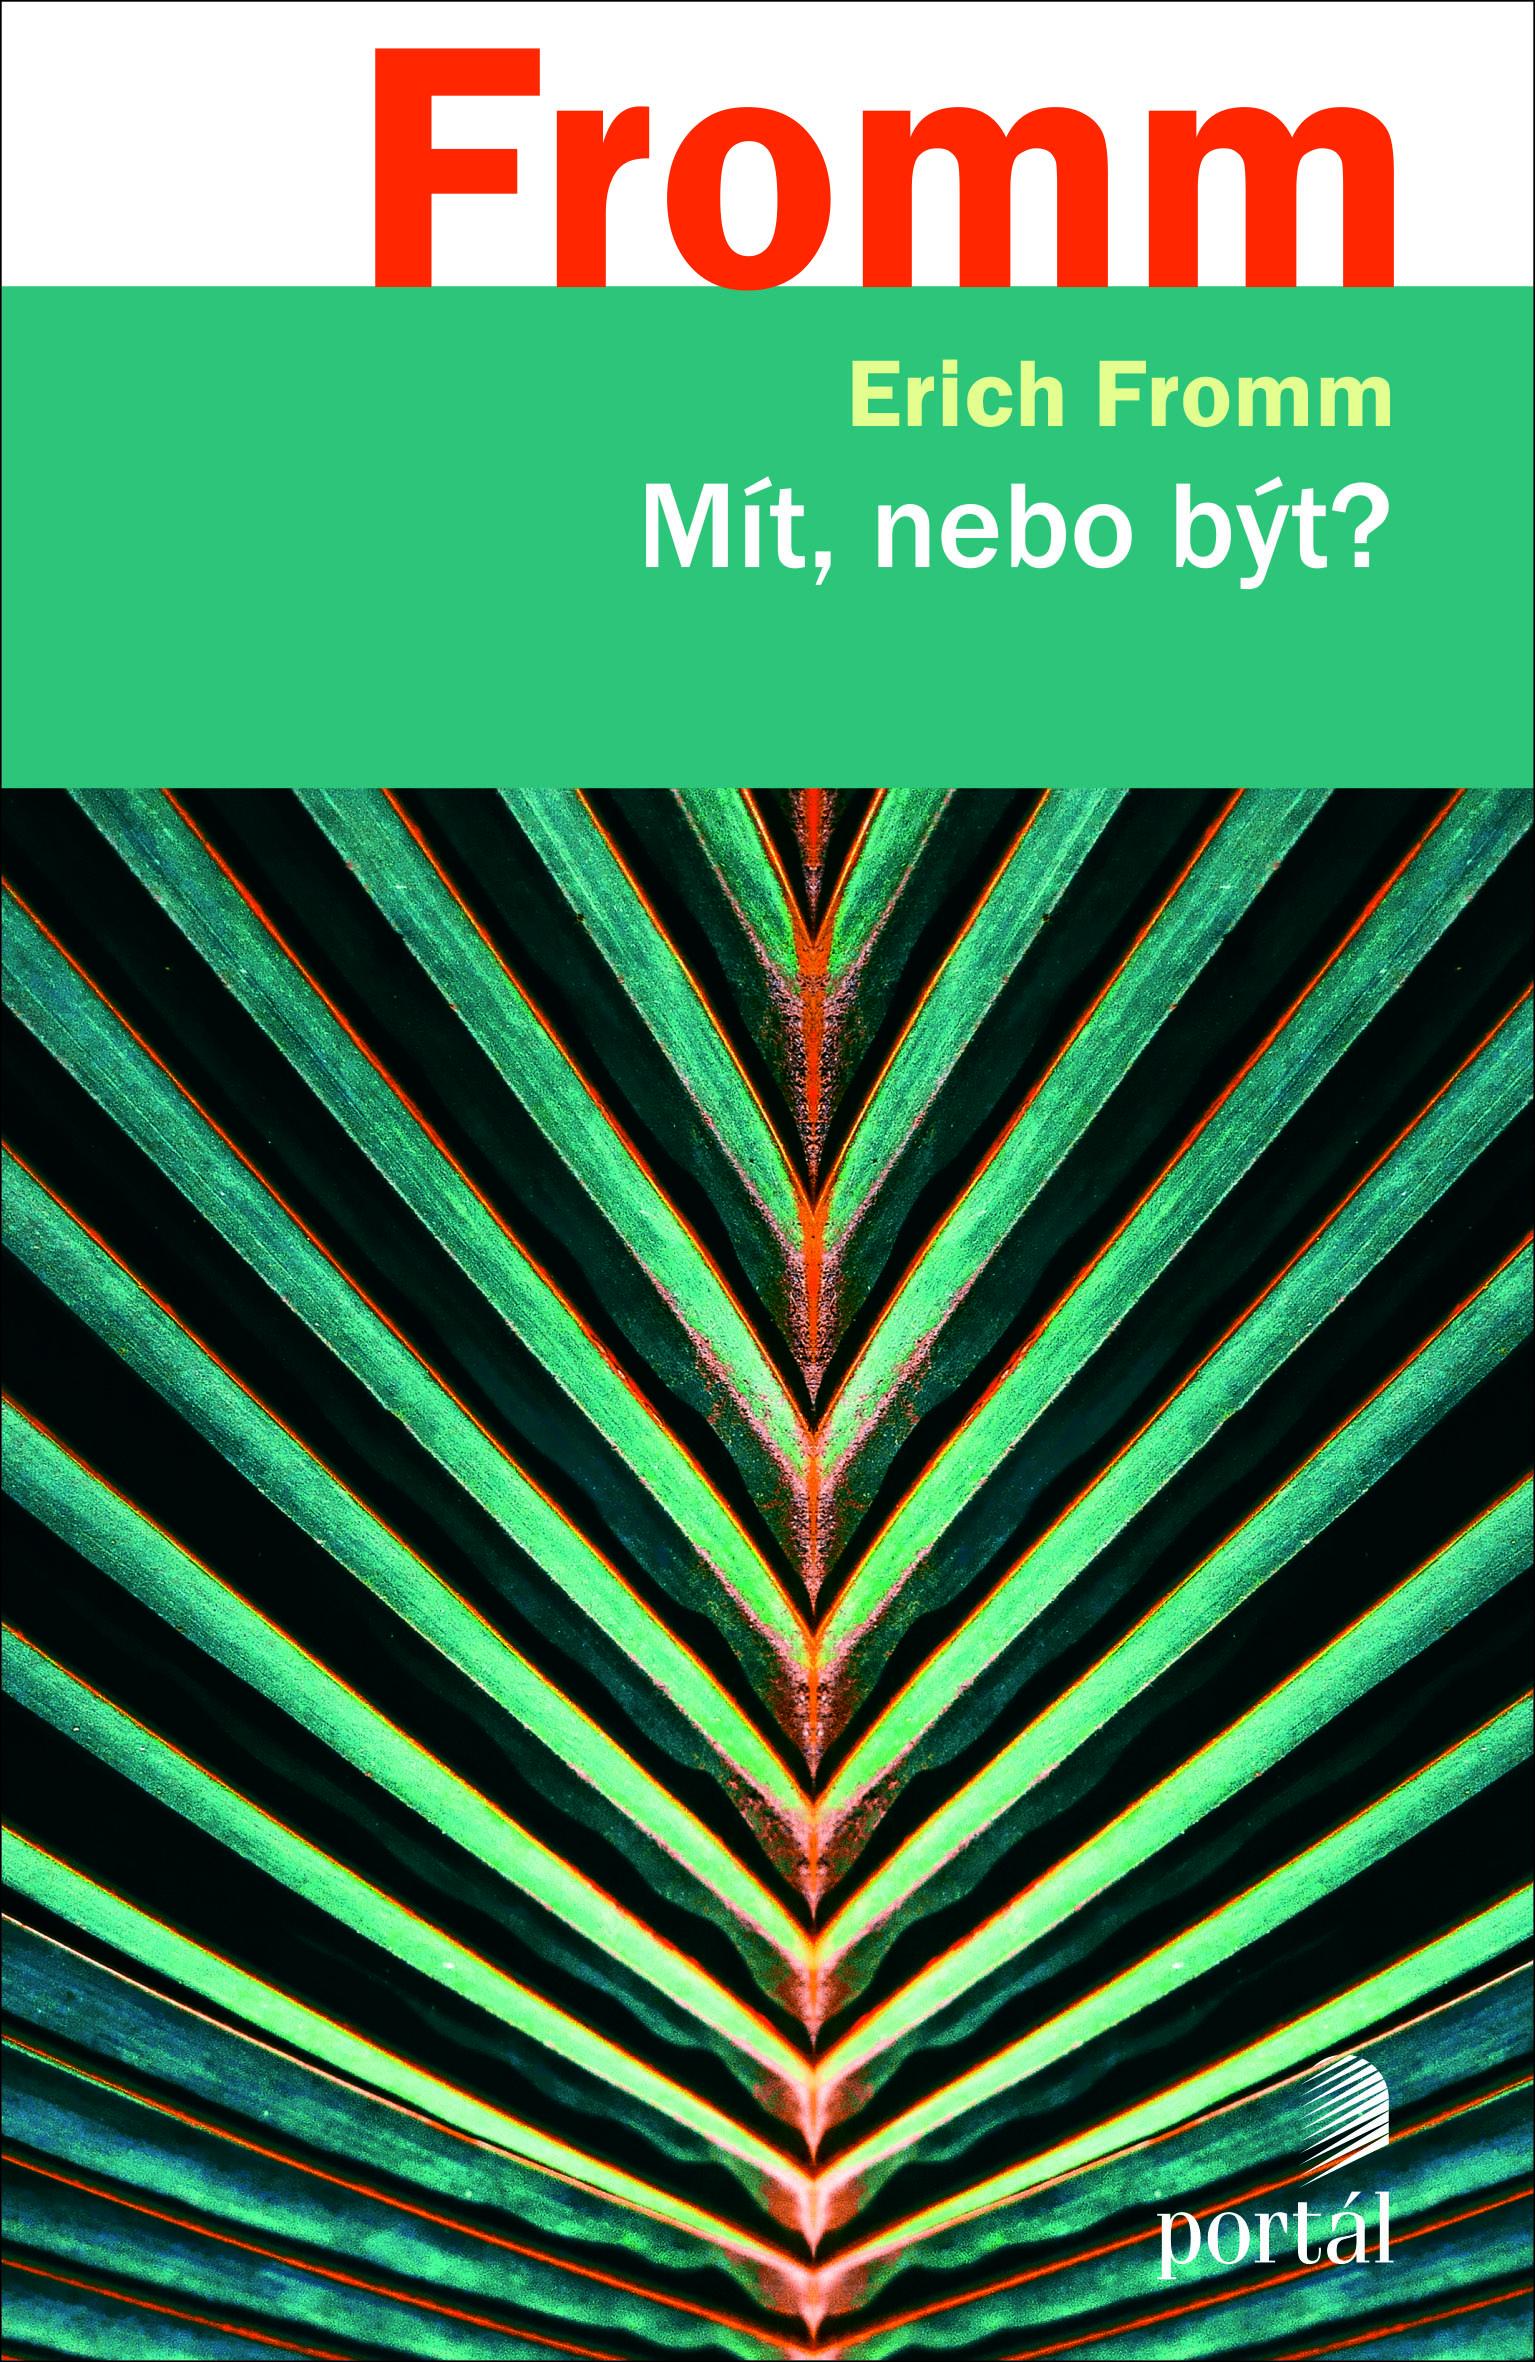 Mít nebo být? Obálka knihy